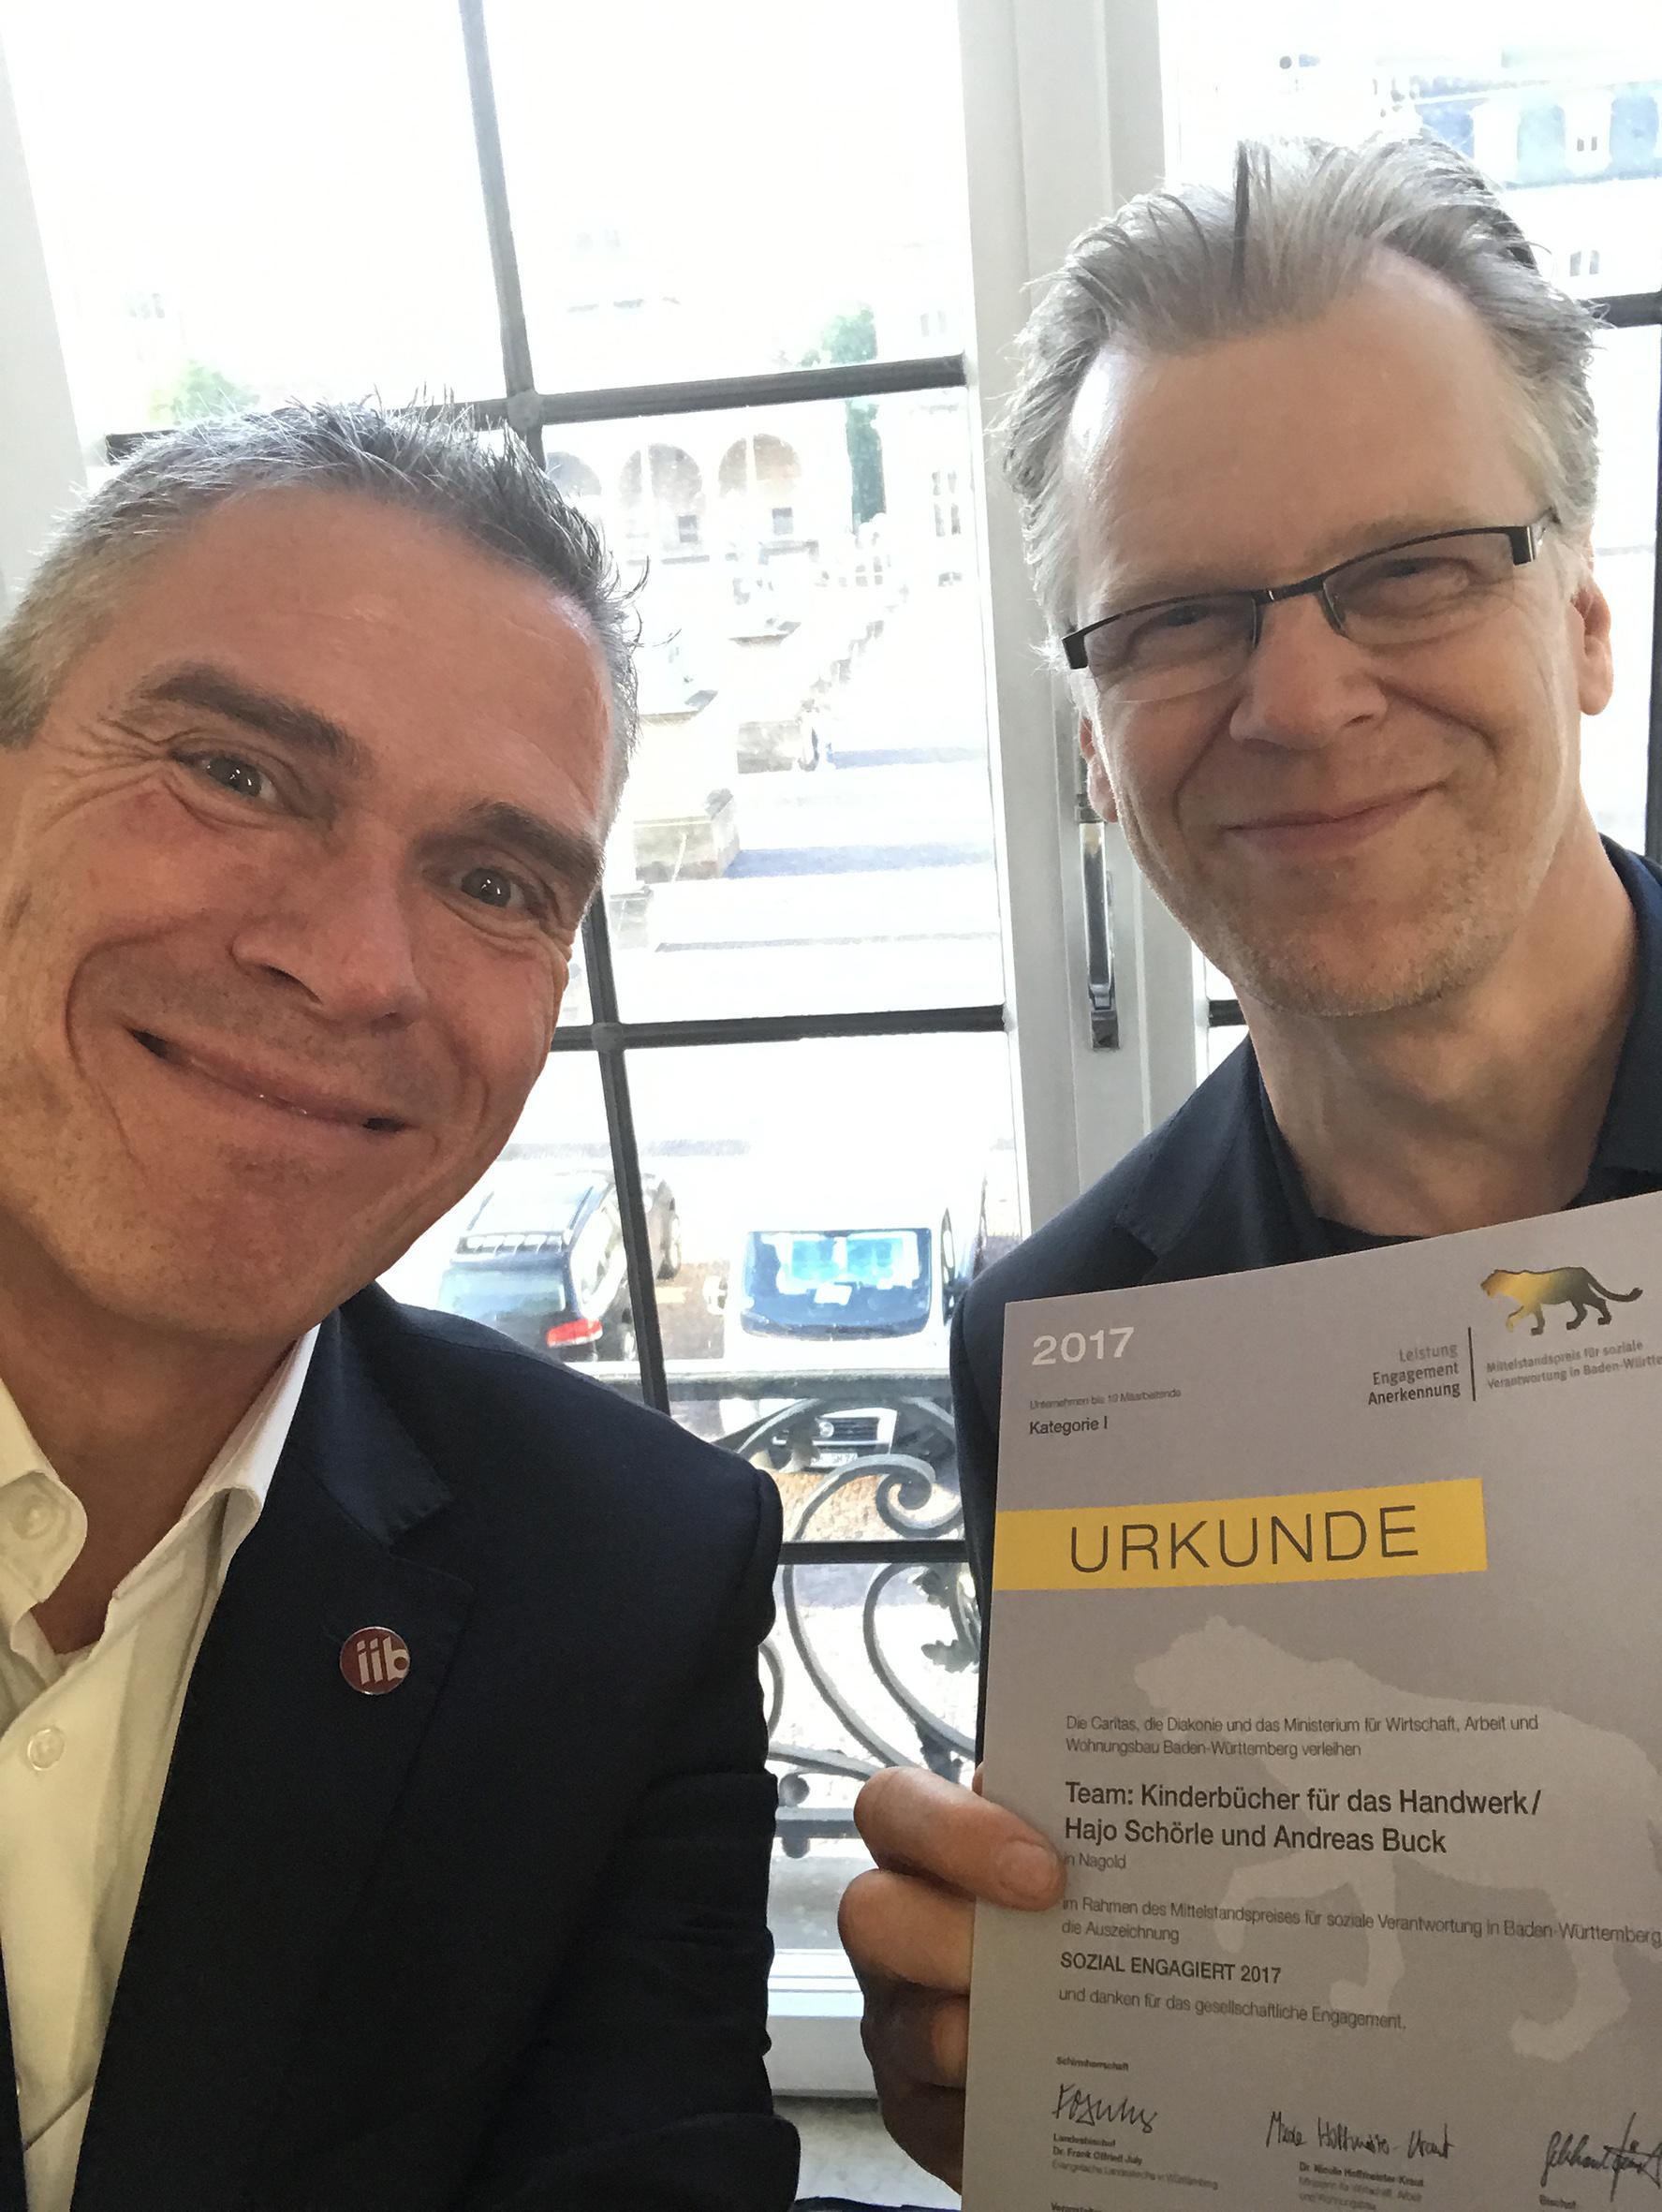 Andreas Buck + Hajo Schörle